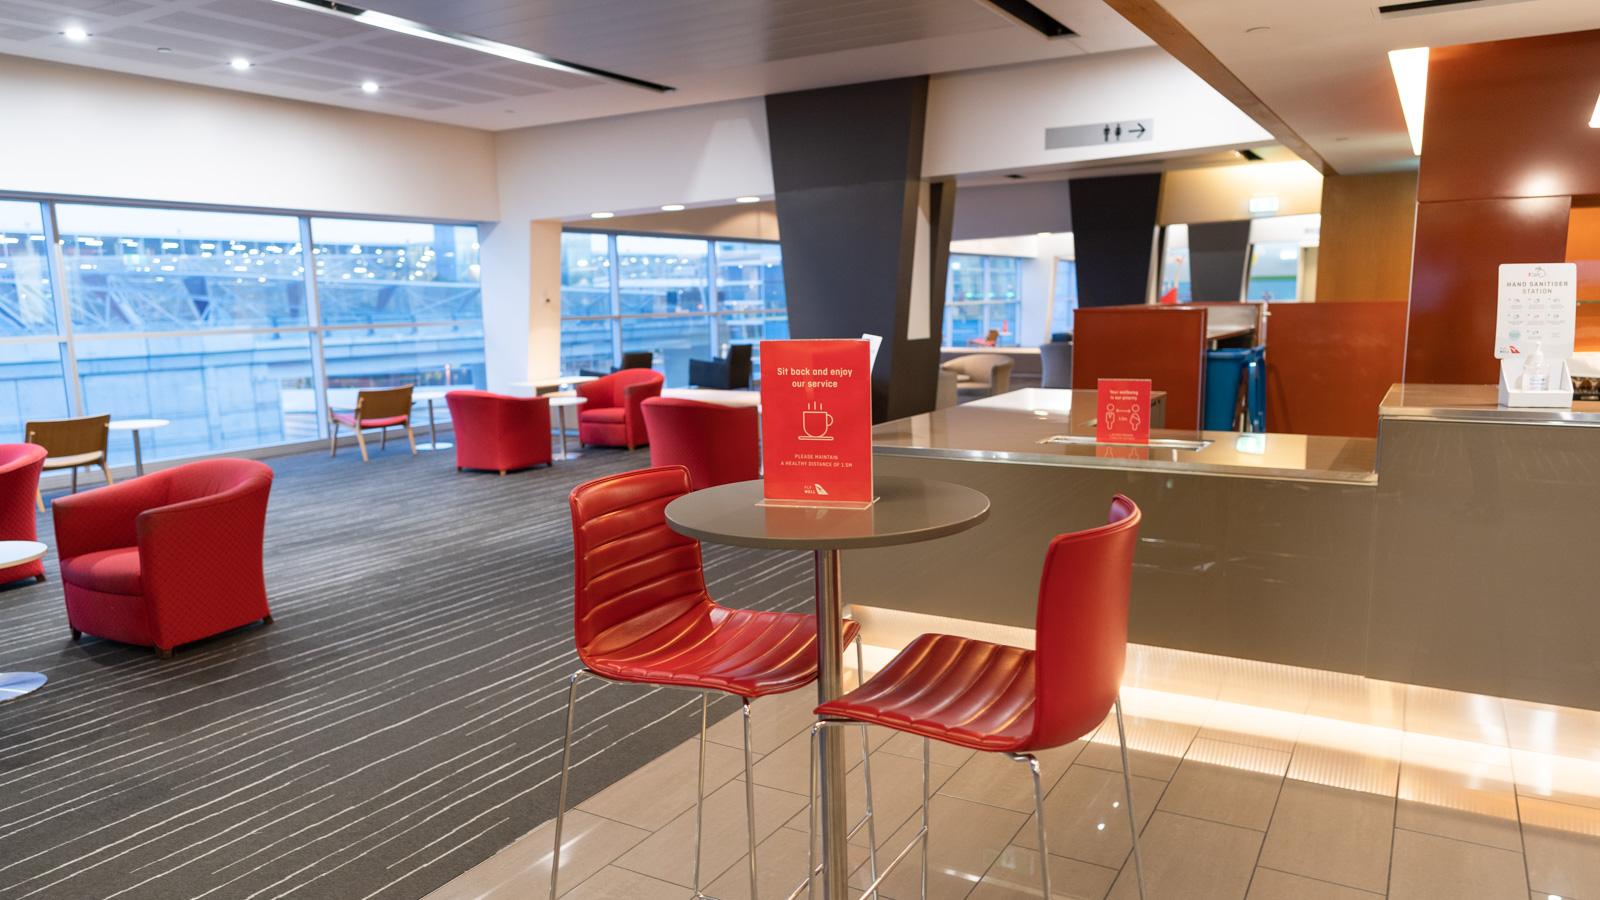 Qantas Club Adelaide seating